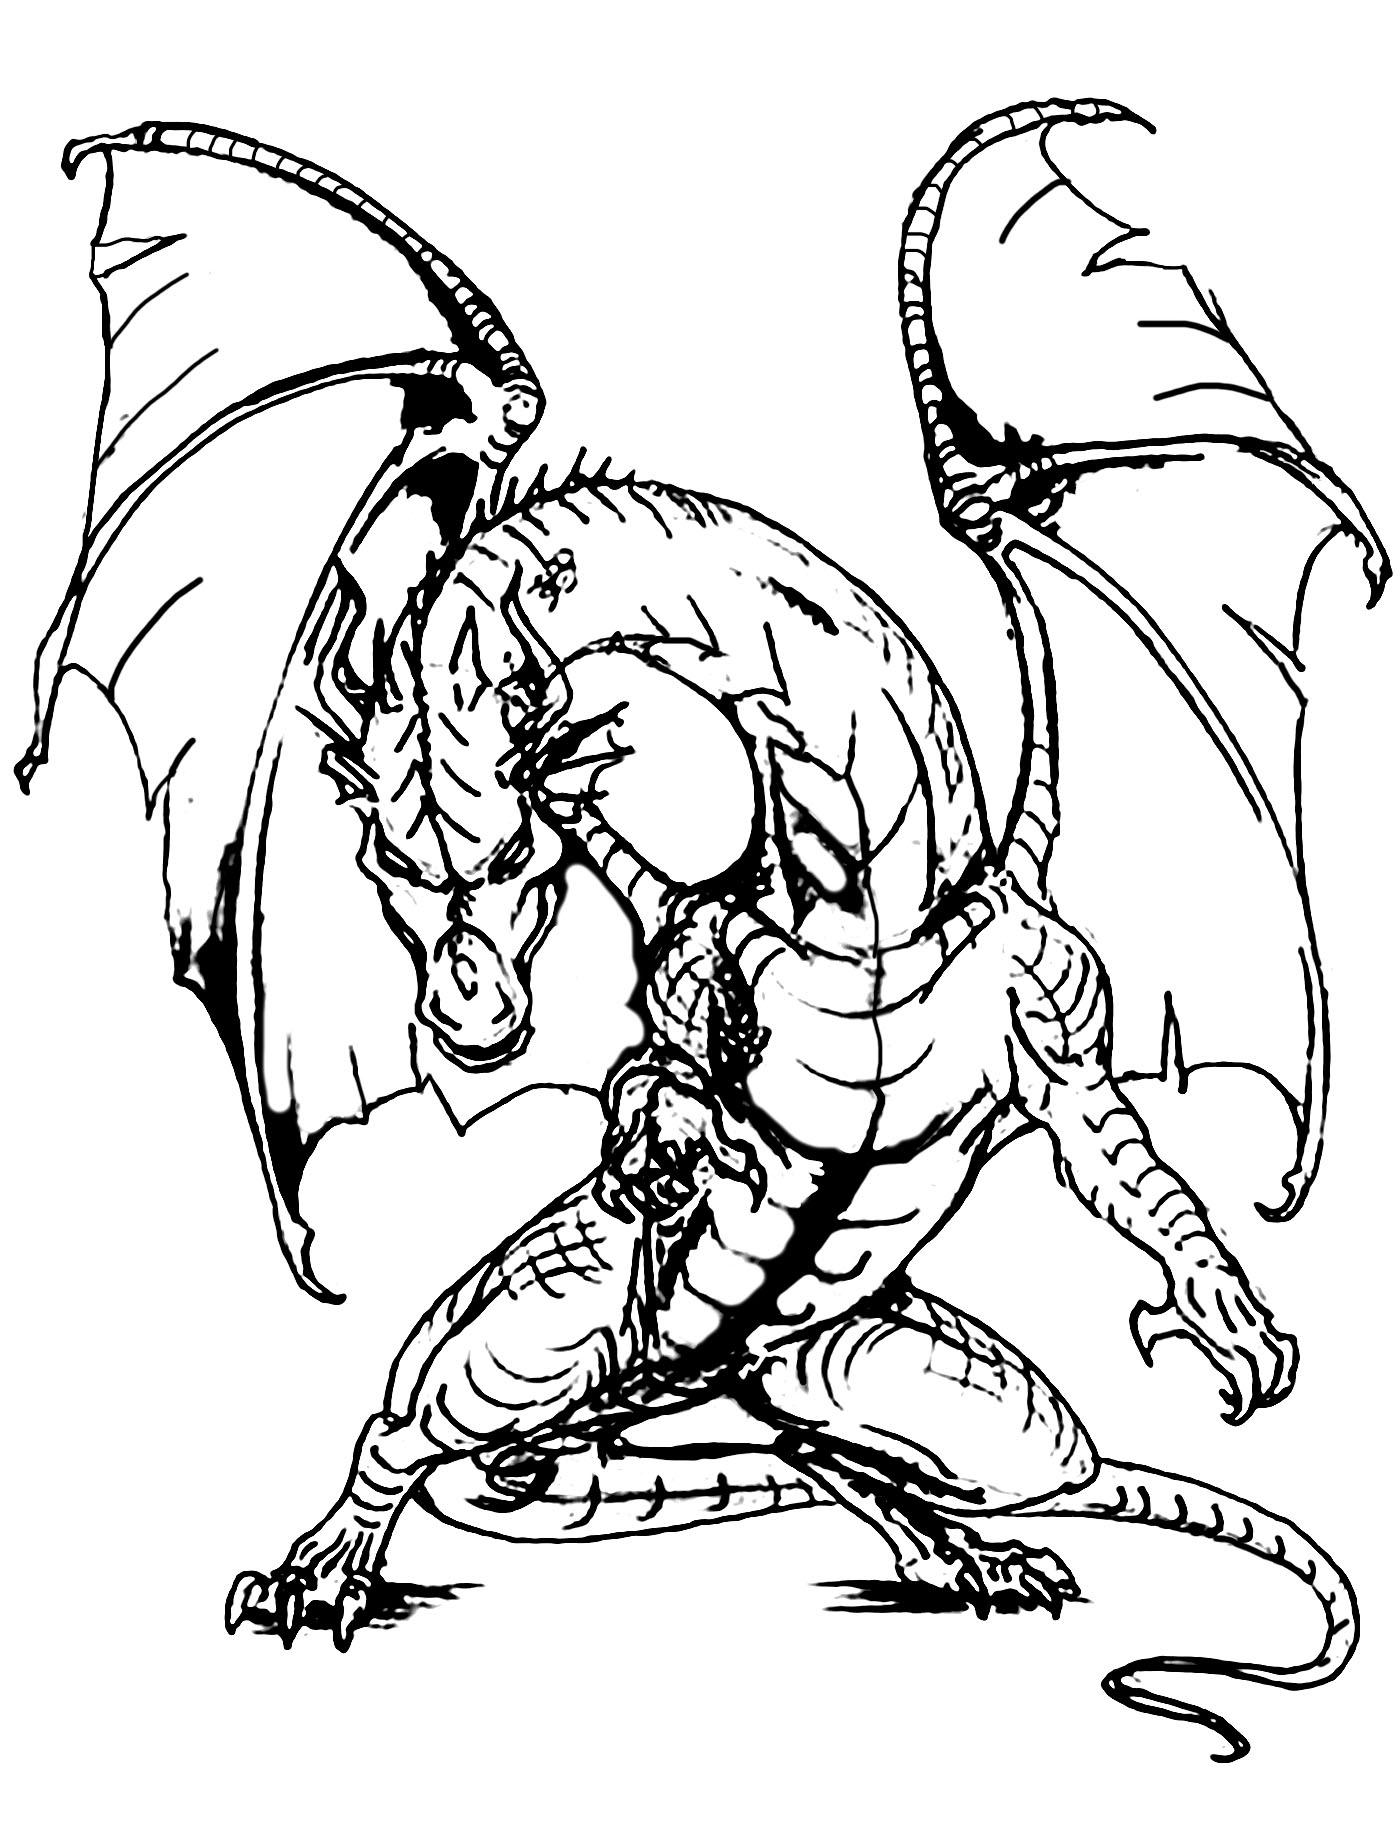 Malbuch Fur Erwachsene : Drachen - 5